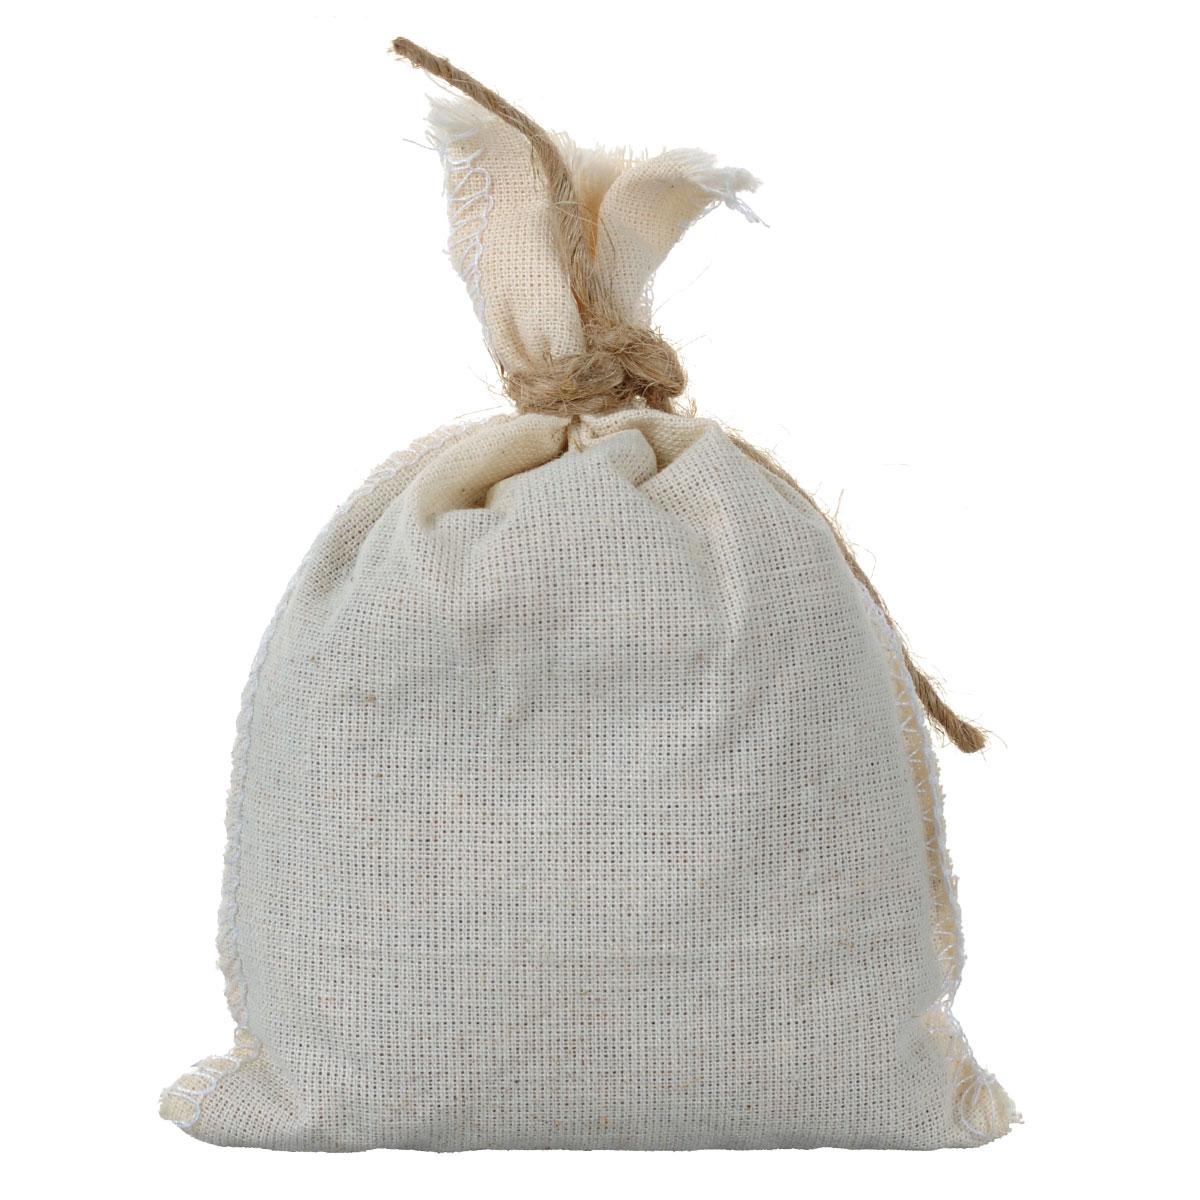 Запарка банная травяная Ромашка и пустырник, 30 гБ2151Травяная запарка для бани Ромашка и пустырник позволит расслабиться и насладиться приятным ароматом натуральных трав. Запарка в мешочке. Живительная сила 100% натуральных травяных сборов способствует оздоровлению всего организма: - укрепляет иммунитет, - тонизирует, - витаминизирует, - выводит токсины, - рекомендована профессиональными парильщиками. Применение для бани и ванн: Мешочек заливается кипятком (3 л) и настаивается 15-20 минут. Емкость желательно закрыть крышкой. Рекомендуется принимать ванну в течение 15 минут.